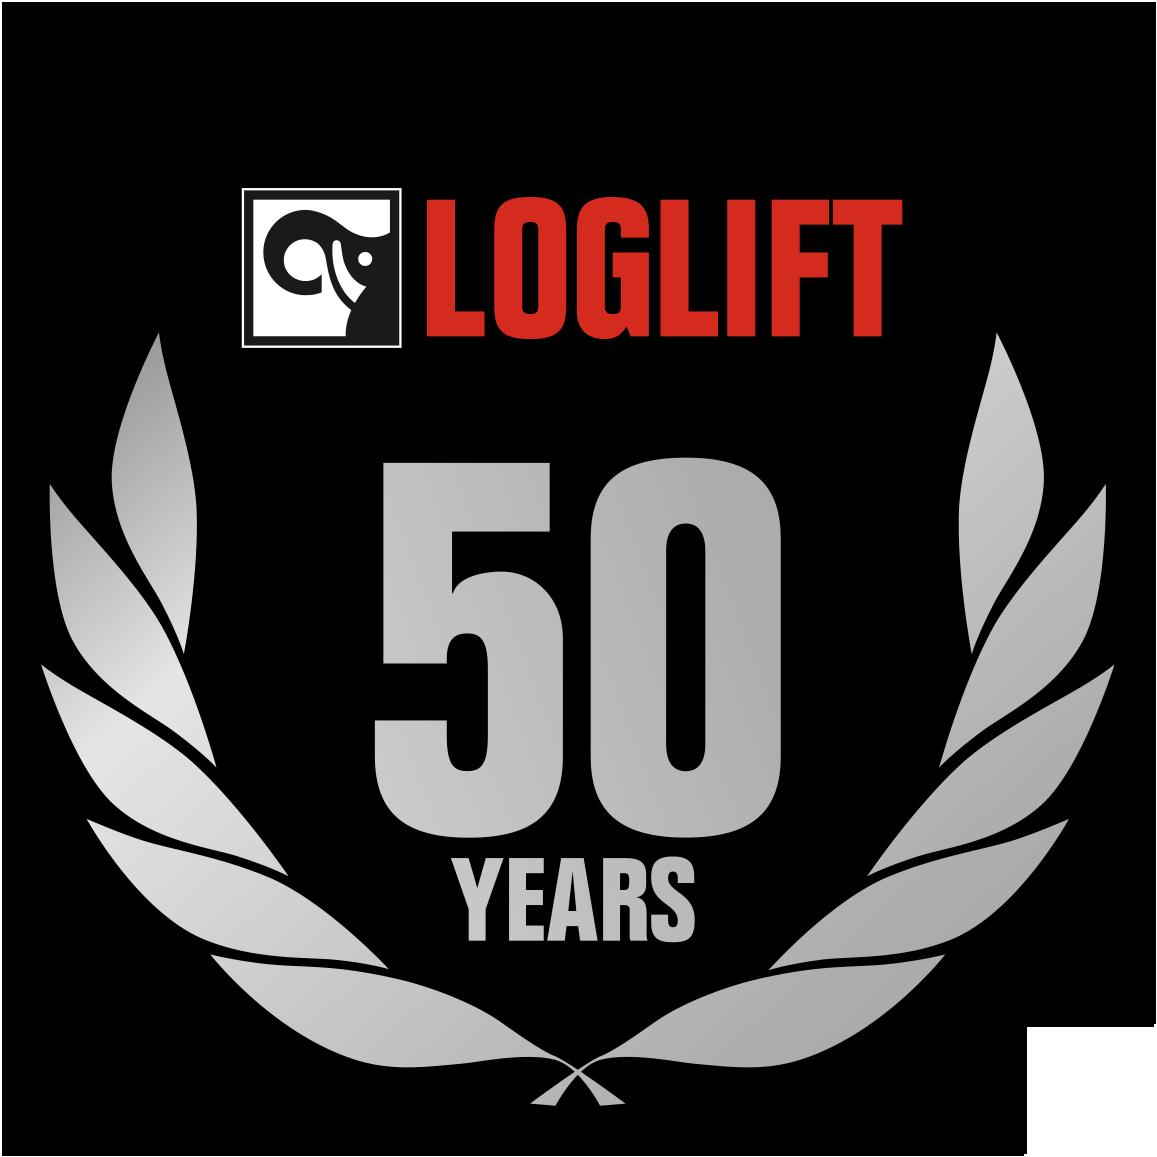 LOGLIFT jubilee logo